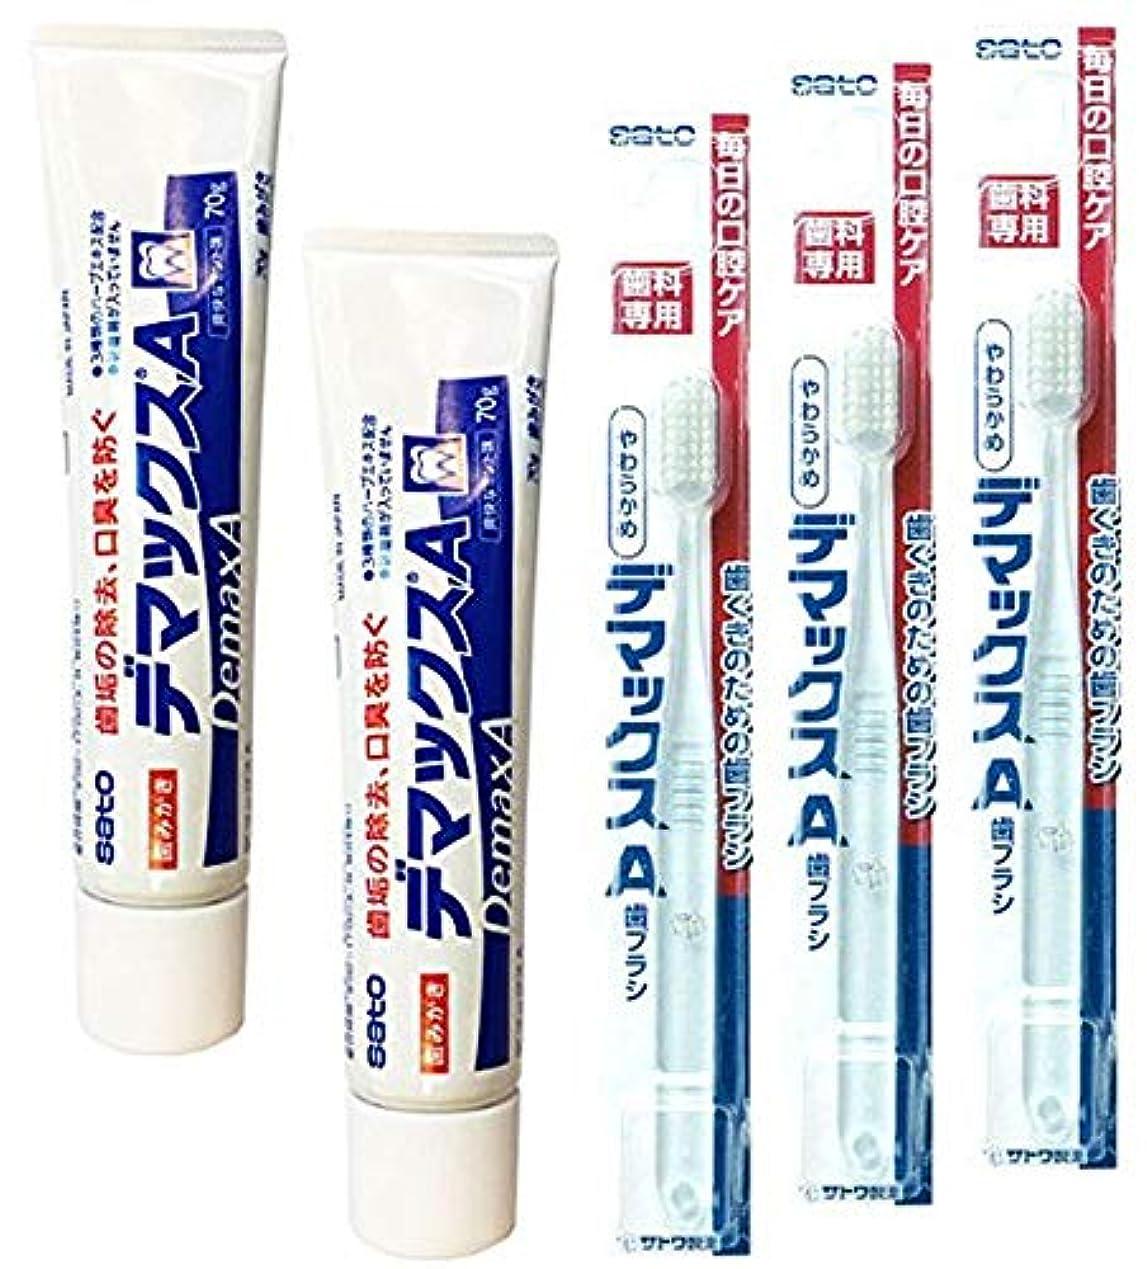 ピービッシュ解釈的転送佐藤製薬 デマックスA 歯磨き粉(70g) 2個 + デマックスA 歯ブラシ 3本 セット